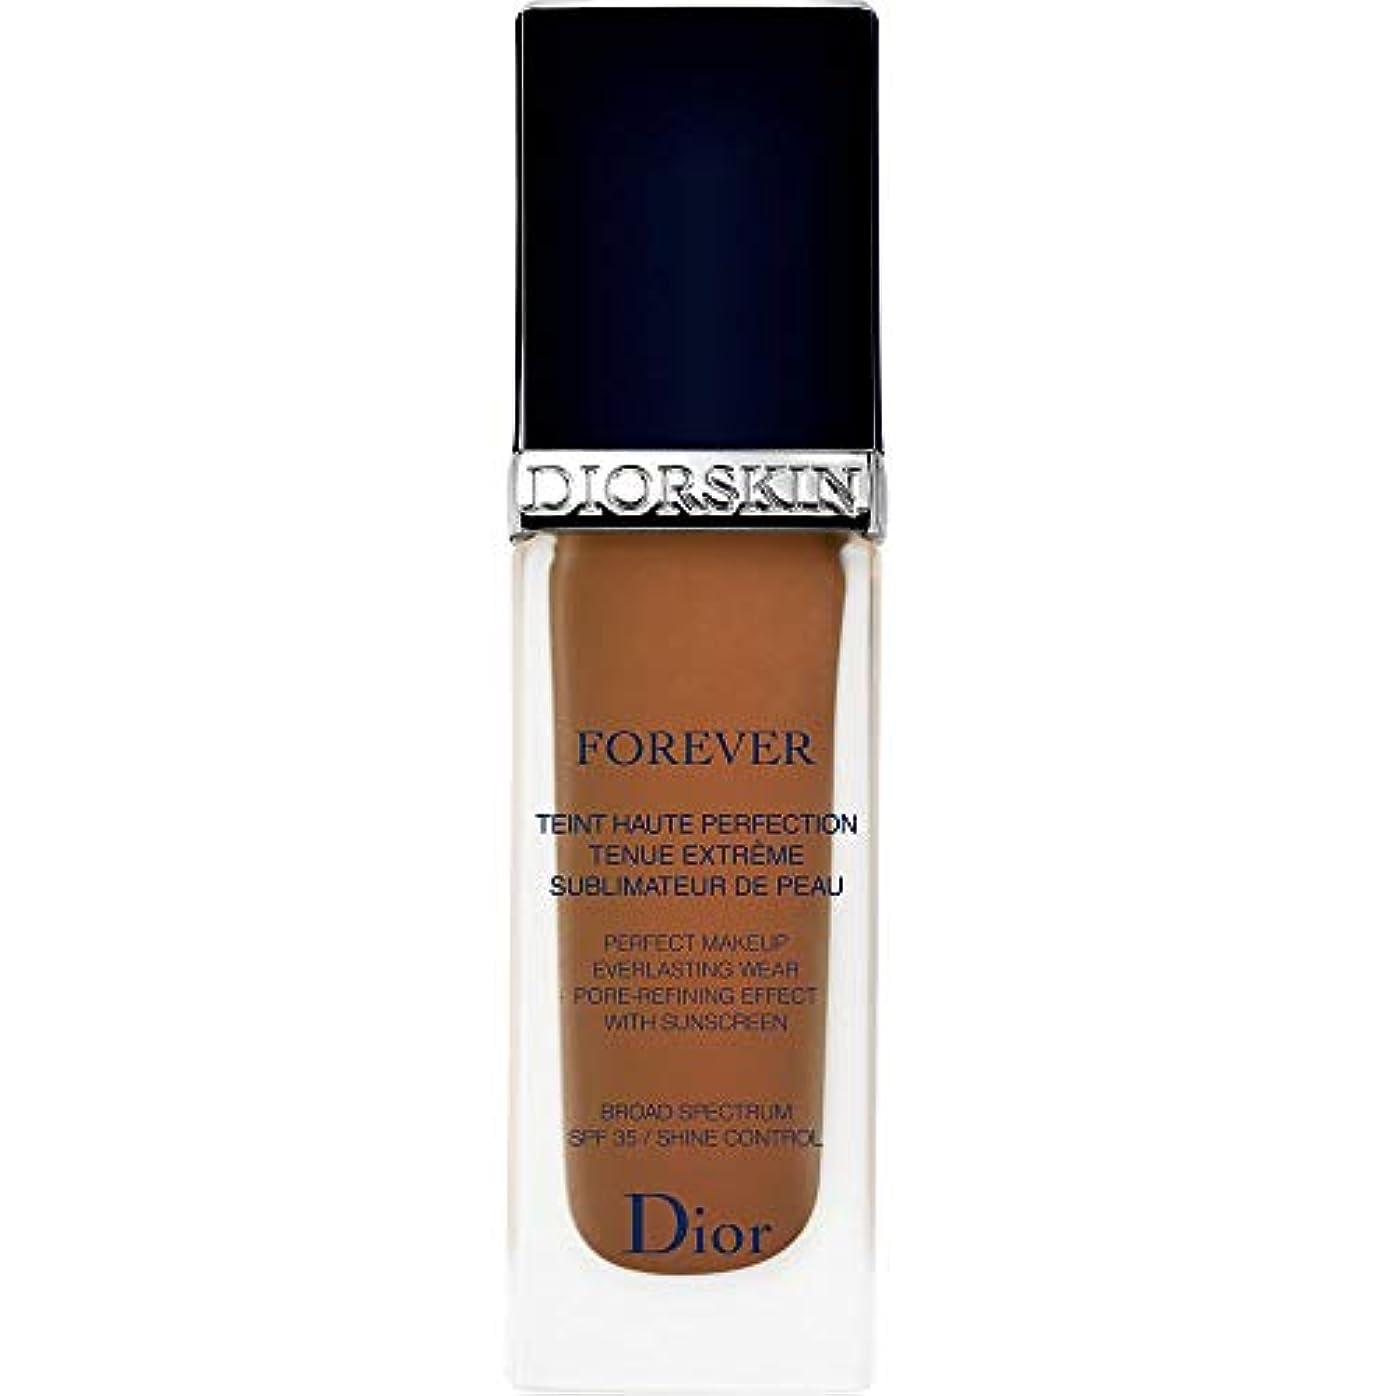 犠牲売る因子[Dior ] ディオールディオールスキン永遠基礎Spf35 30ミリリットル070 - ダークブラウン - DIOR Diorskin Forever Foundation SPF35 30ml 070 - Dark...